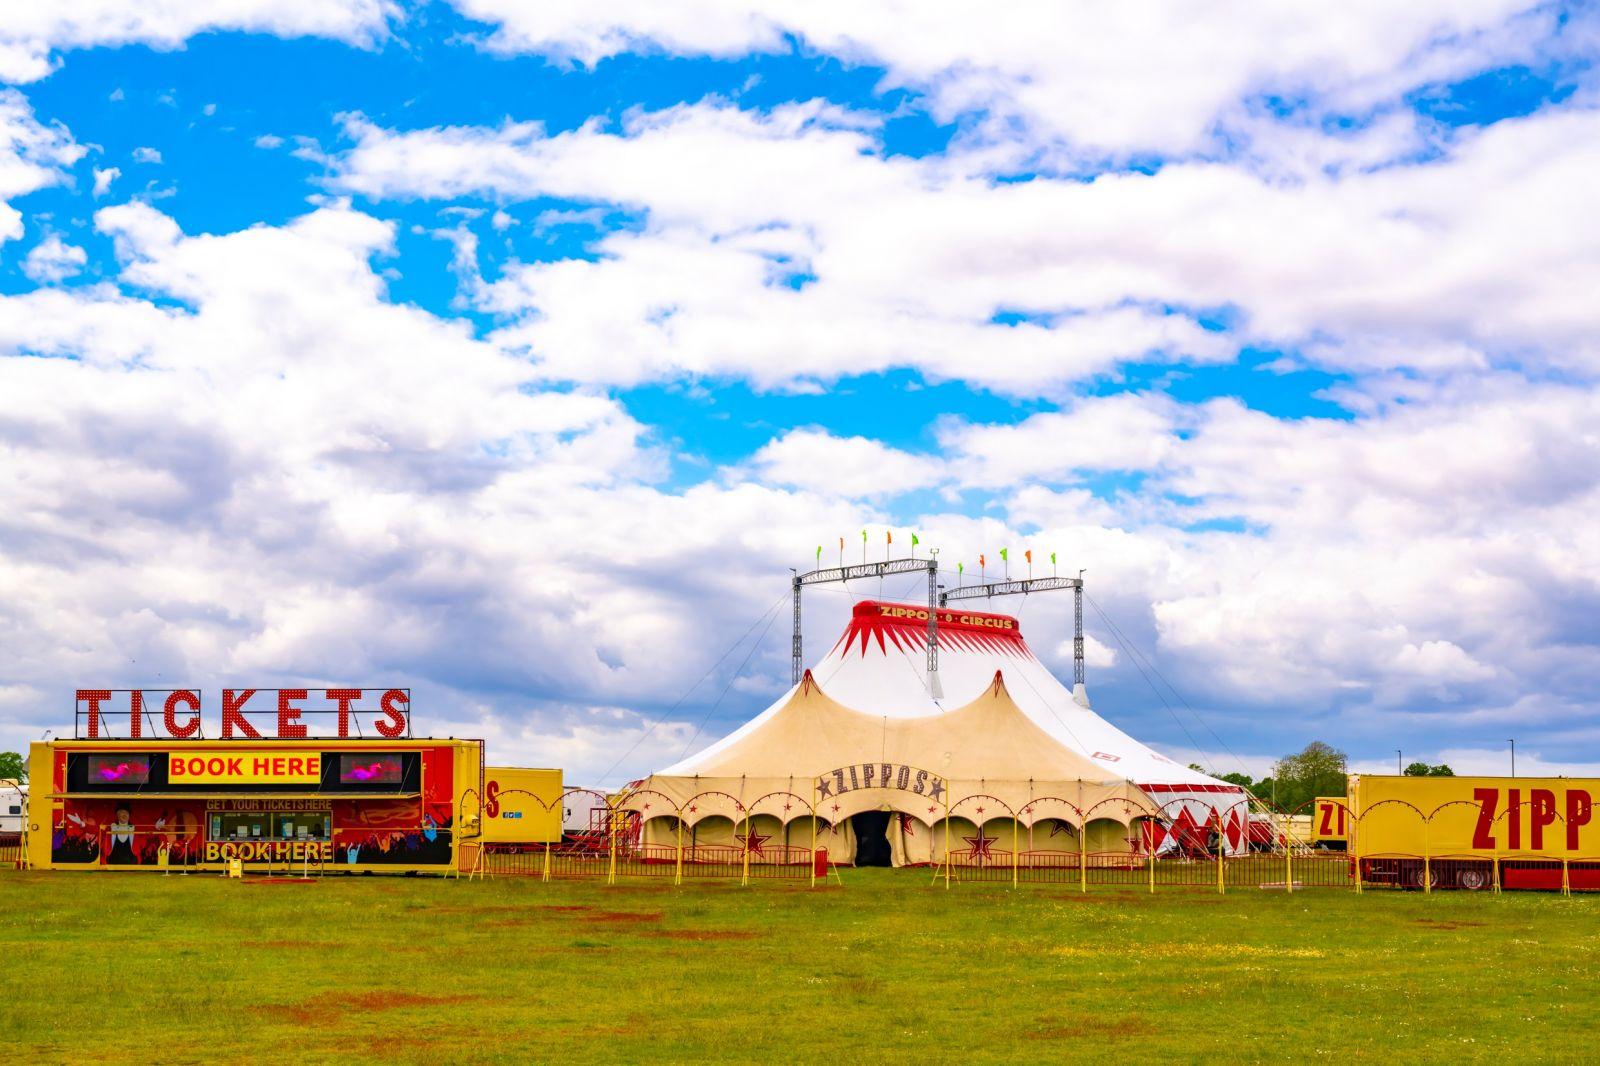 Zippos Circus Big Top (3) Photographer credit: Piet-Hein Out